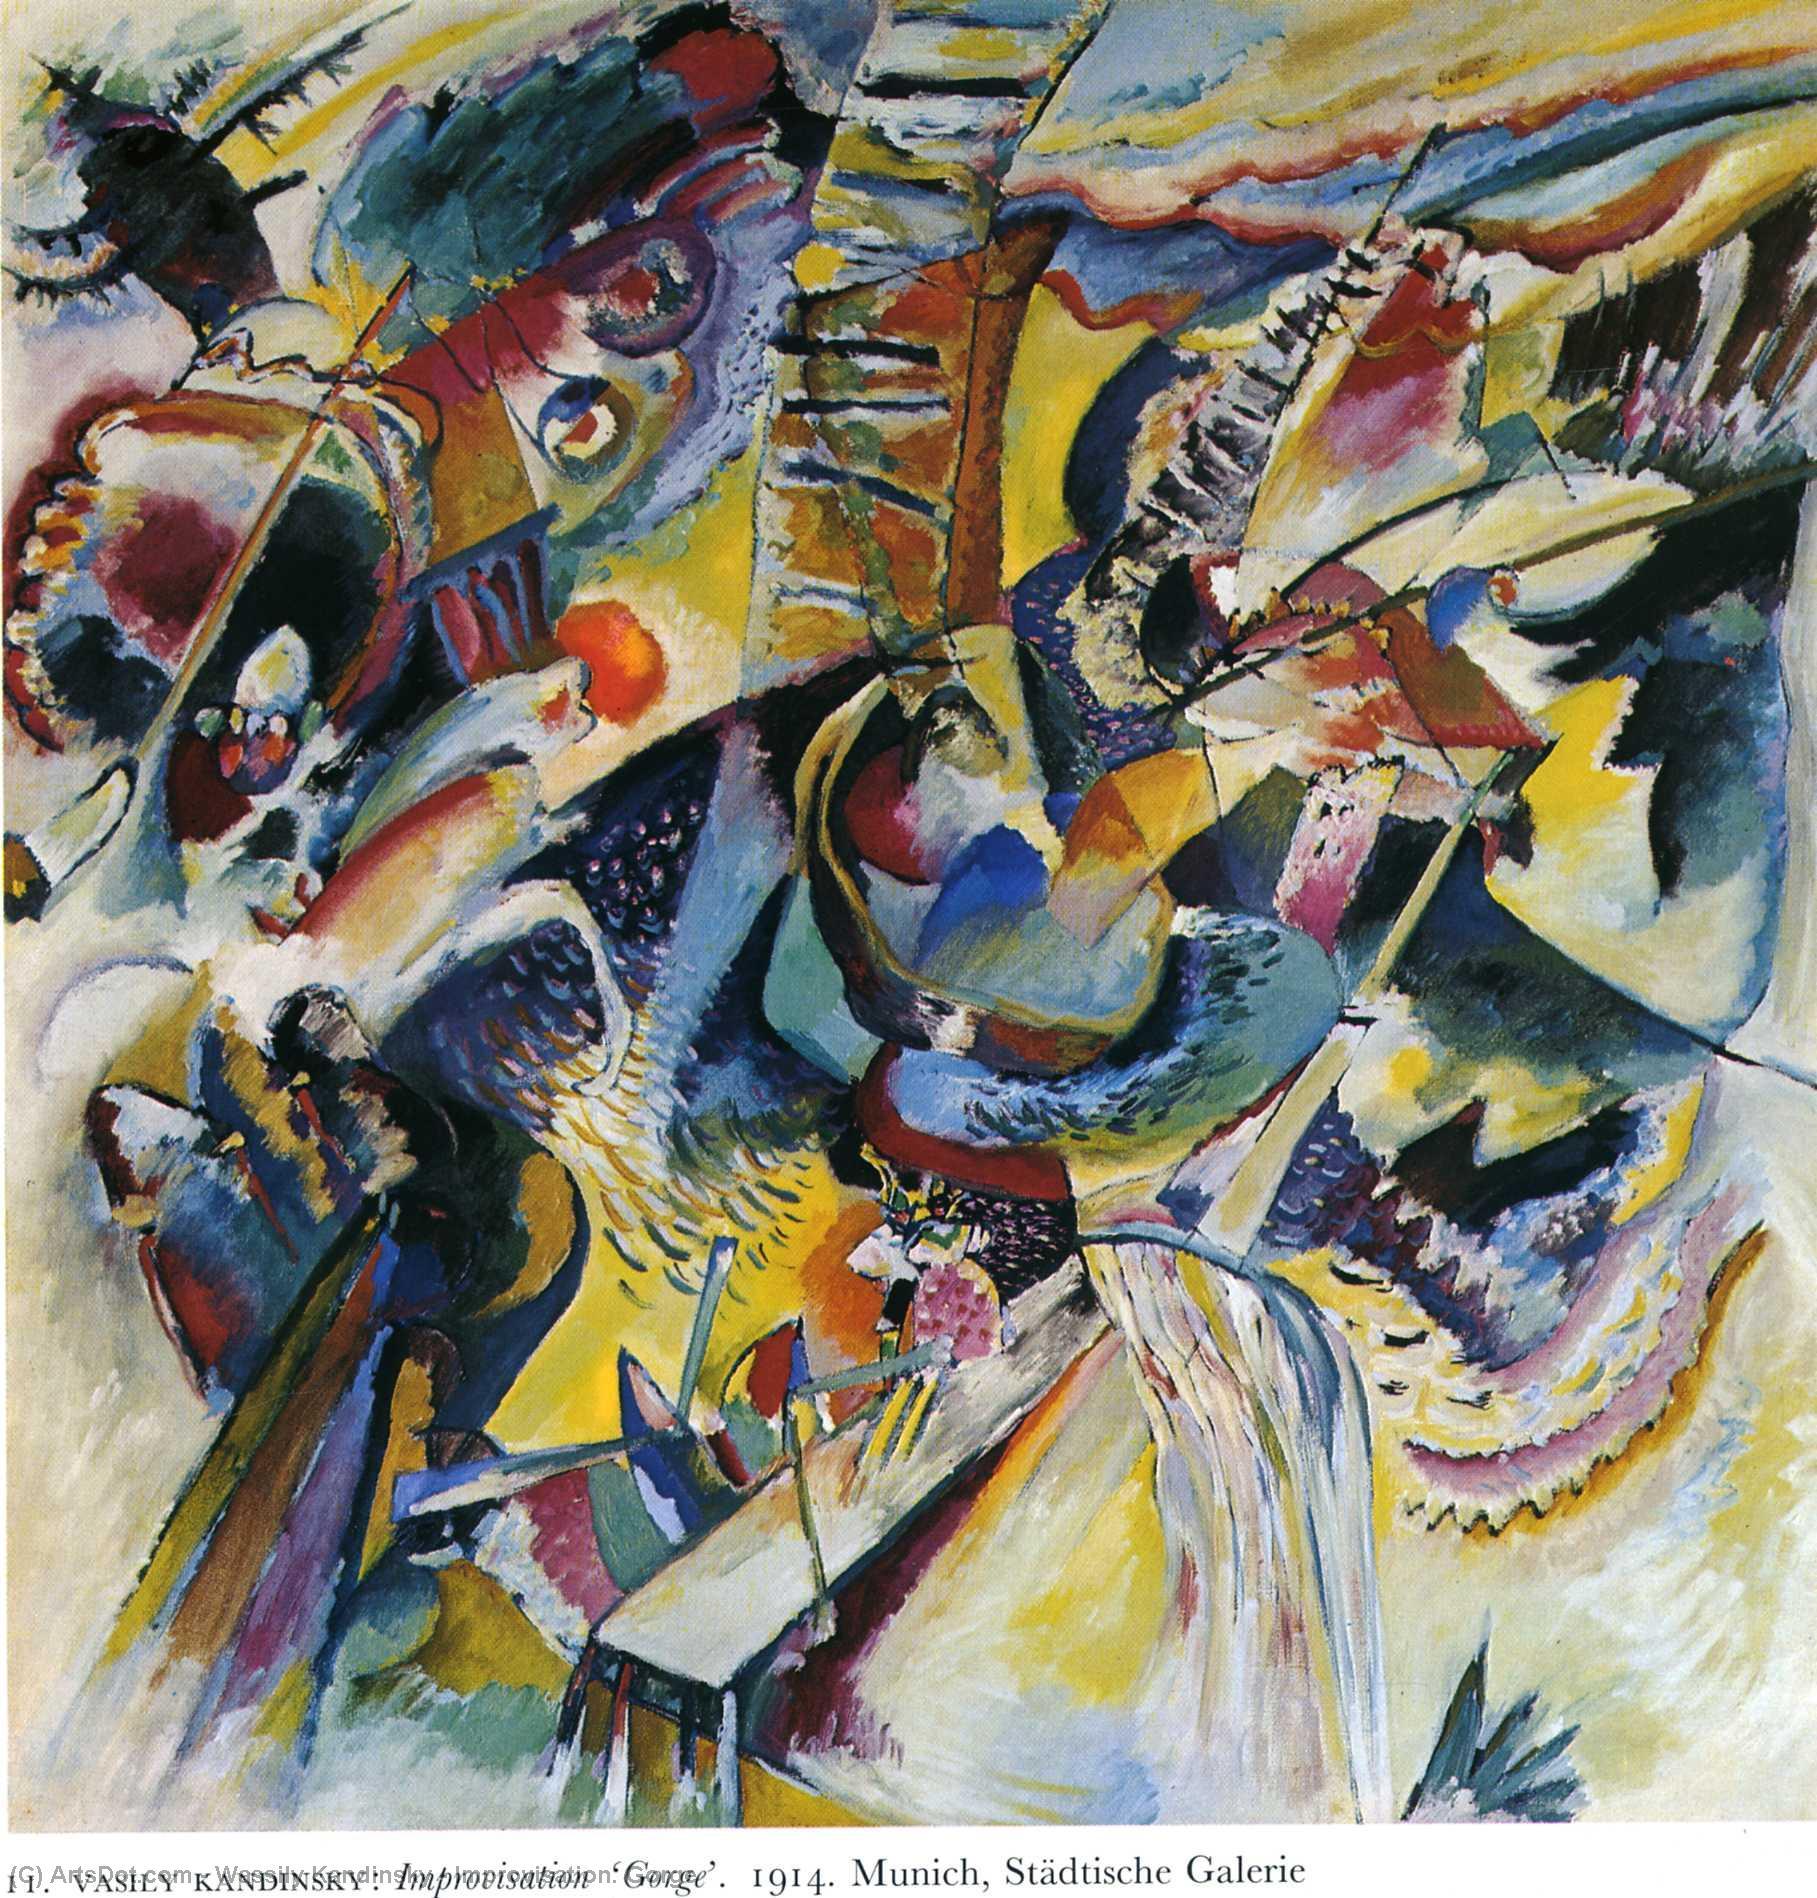 WikiOO.org - Енциклопедія образотворчого мистецтва - Живопис, Картини  Wassily Kandinsky - Improvisation. Gorge